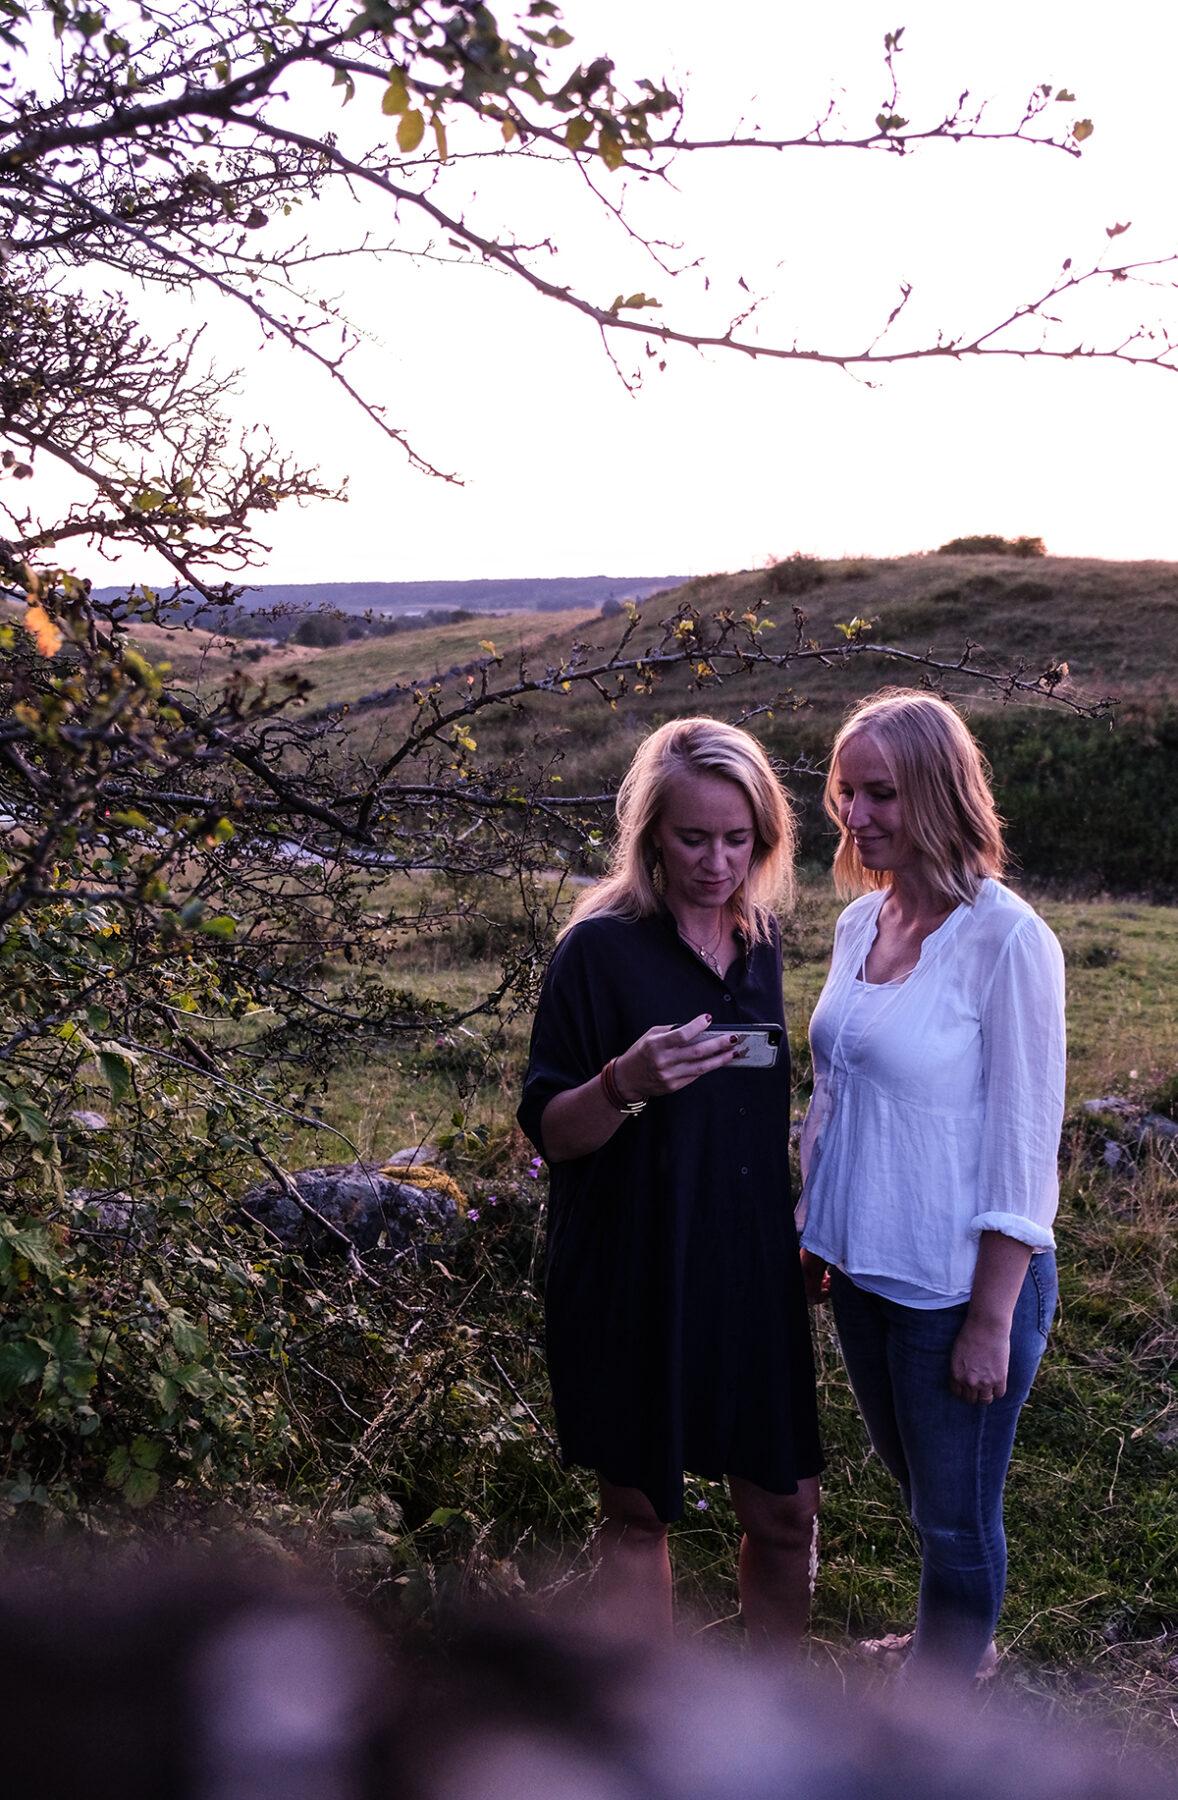 hitta nya vänner i ikalis finska kvinnor söker män karlskrona